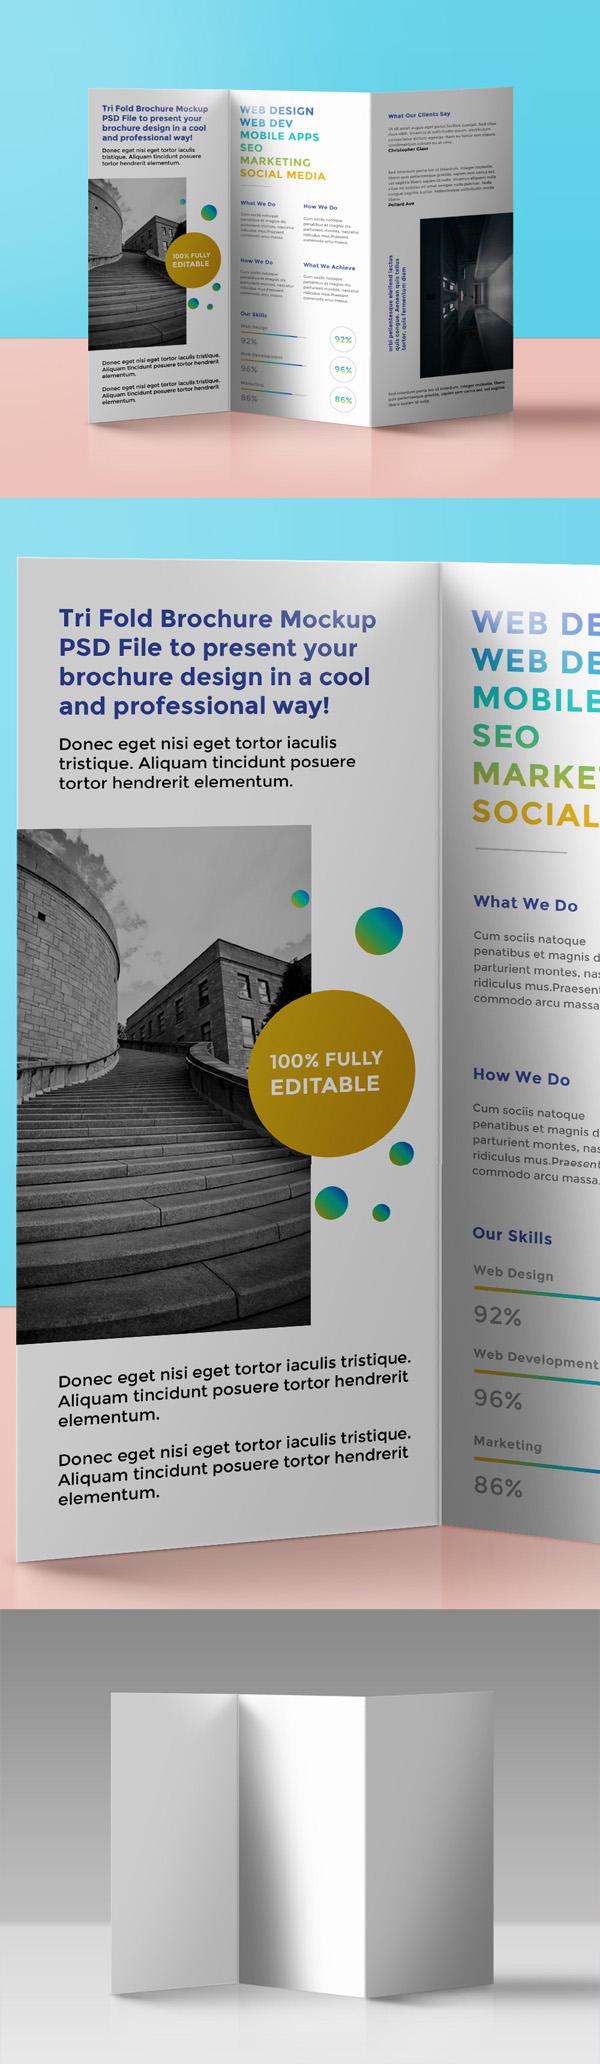 18 Free Tri Fold Brochure Mockup PSD